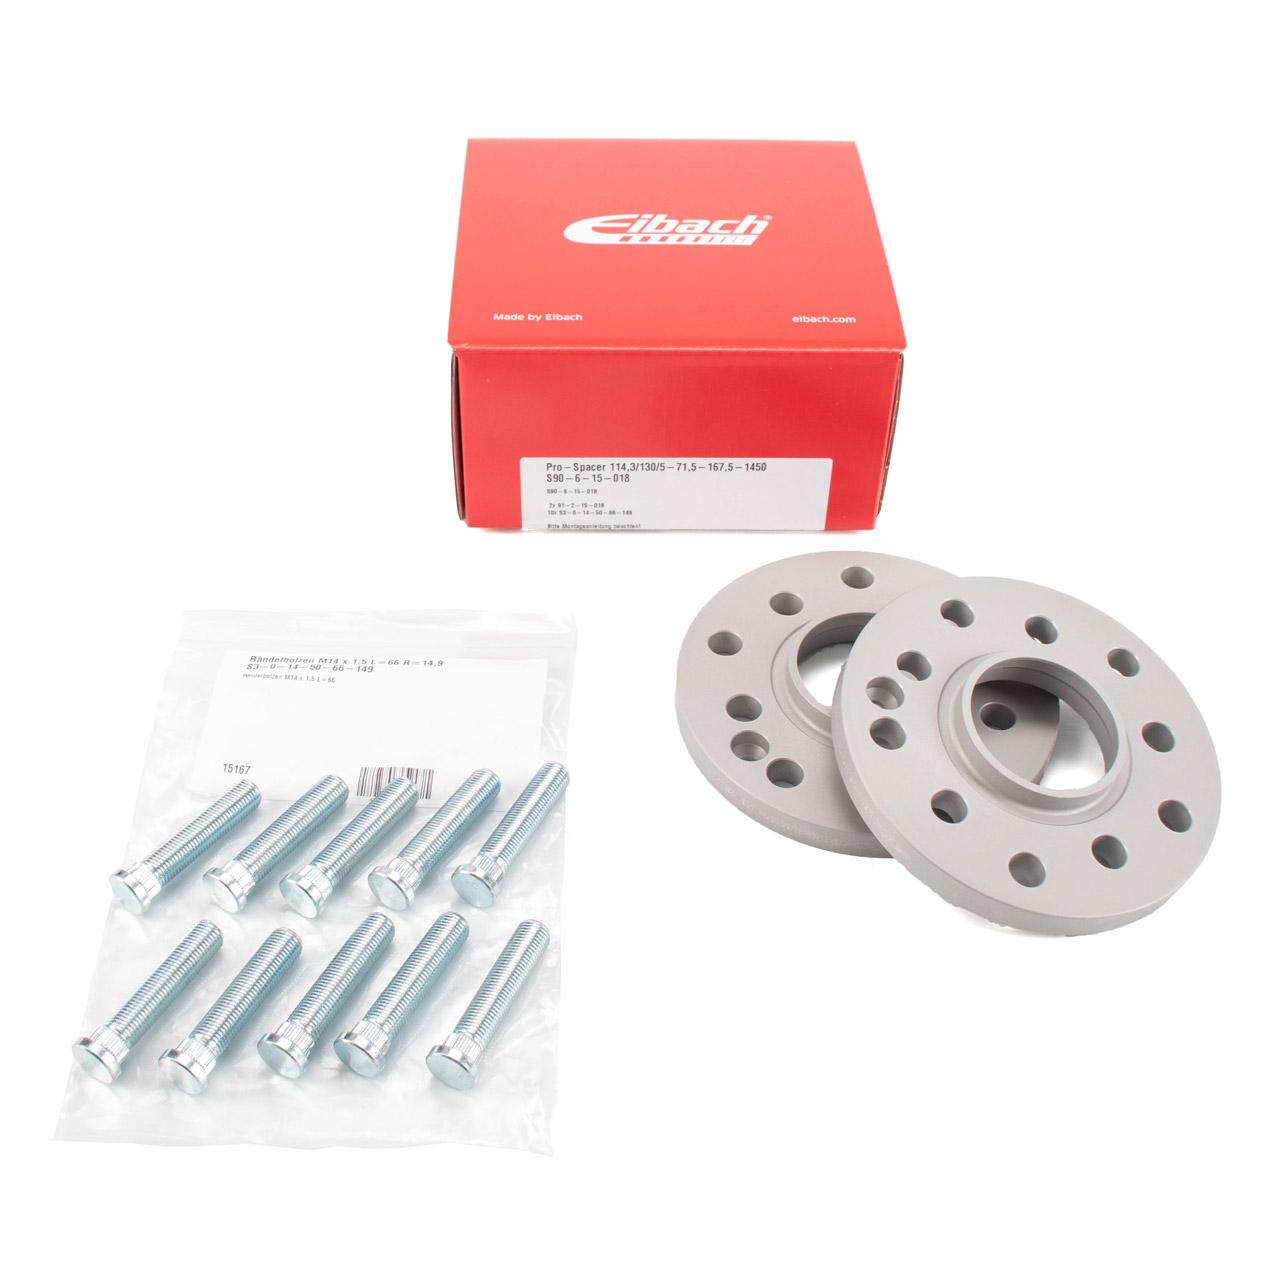 EIBACH S90-6-15-018 PRO SPACER 30mm Spurverbreiterung PORSCHE 911 964 993 928 944 959 968